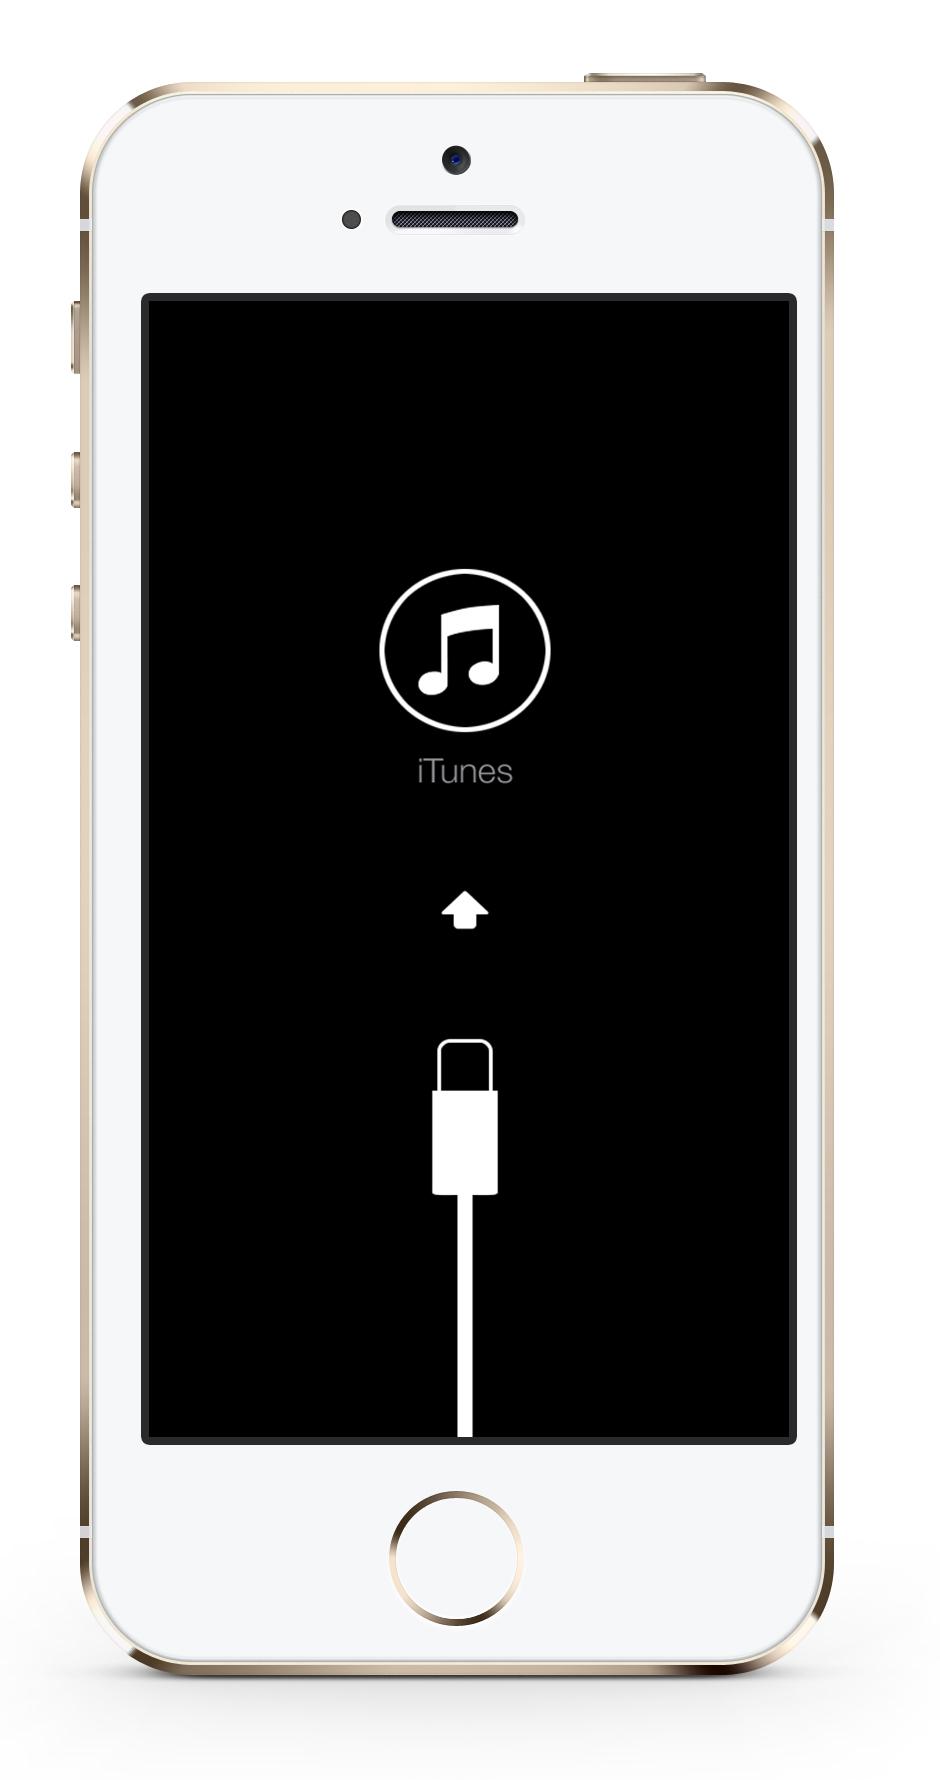 iphone 5 s startet immer wieder neu